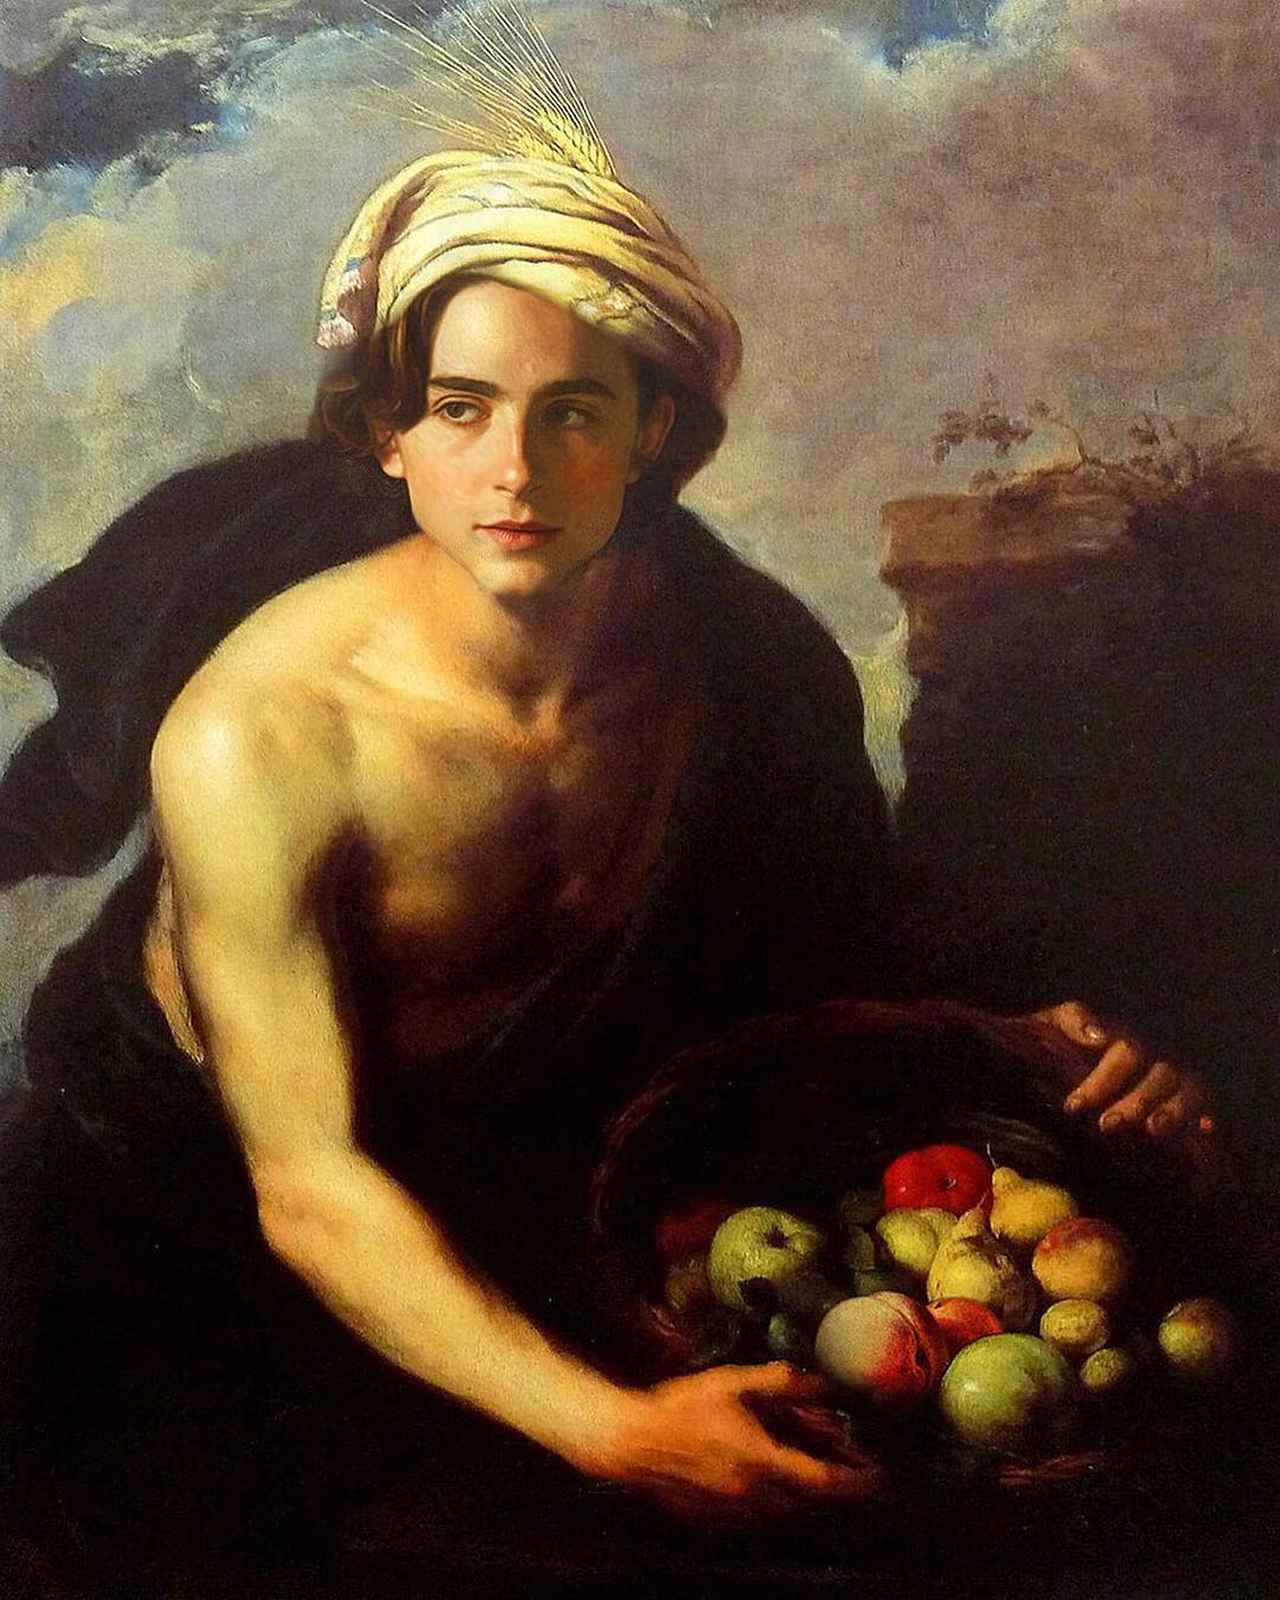 画像1: badly photoshopped timmyさんはInstagramを利用しています:「A Young Man with a Basket of Fruit (Personification of 'Summer'), 1640 by Bartolomé Esteban Murillo #chalametinart #timotheechalamet」 www.instagram.com